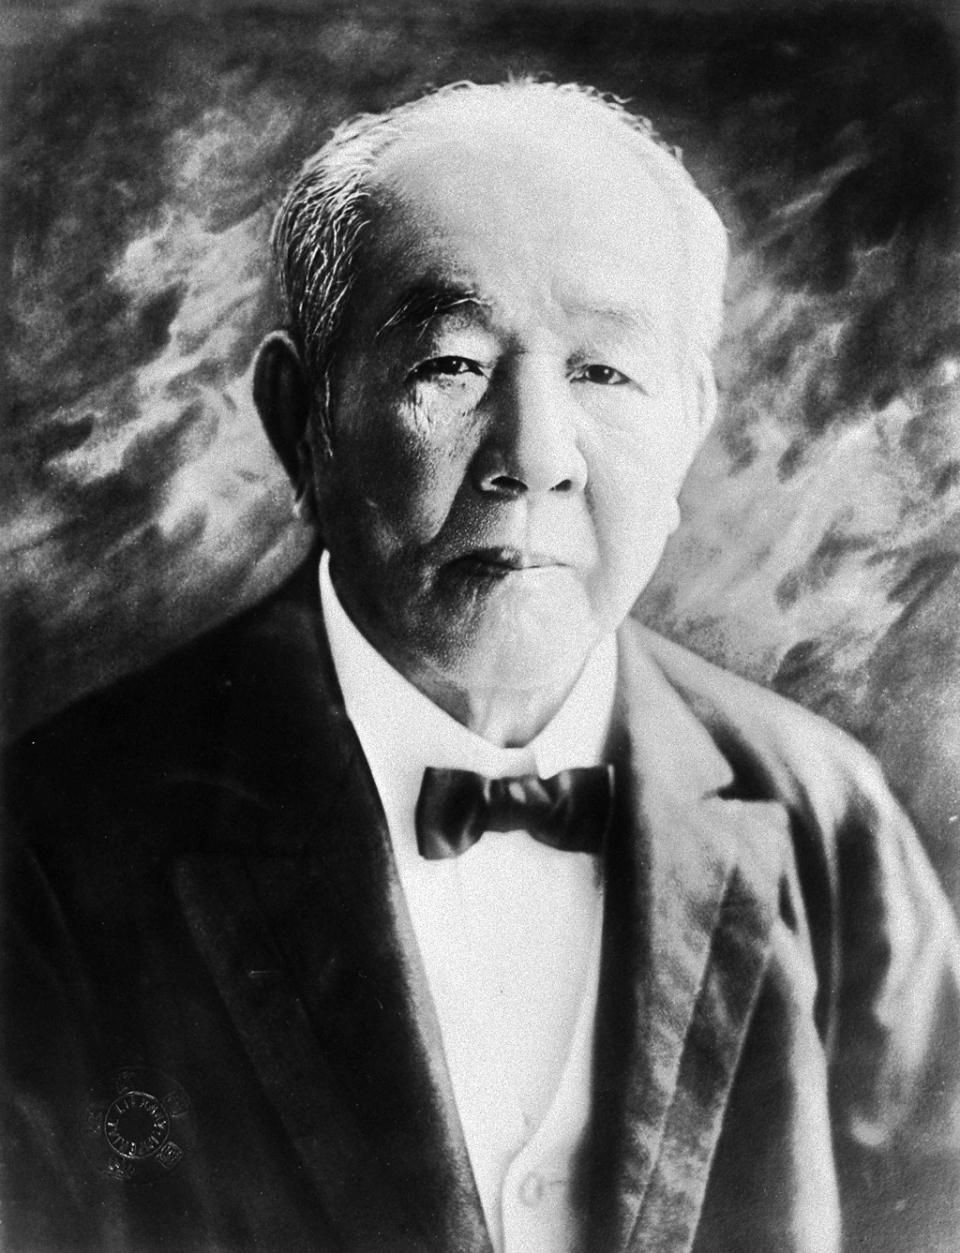 資本主義の父・渋沢栄一が語るビジネスの核心を突く名言6選:「我が人生は、実業に在り。」 4番目の画像